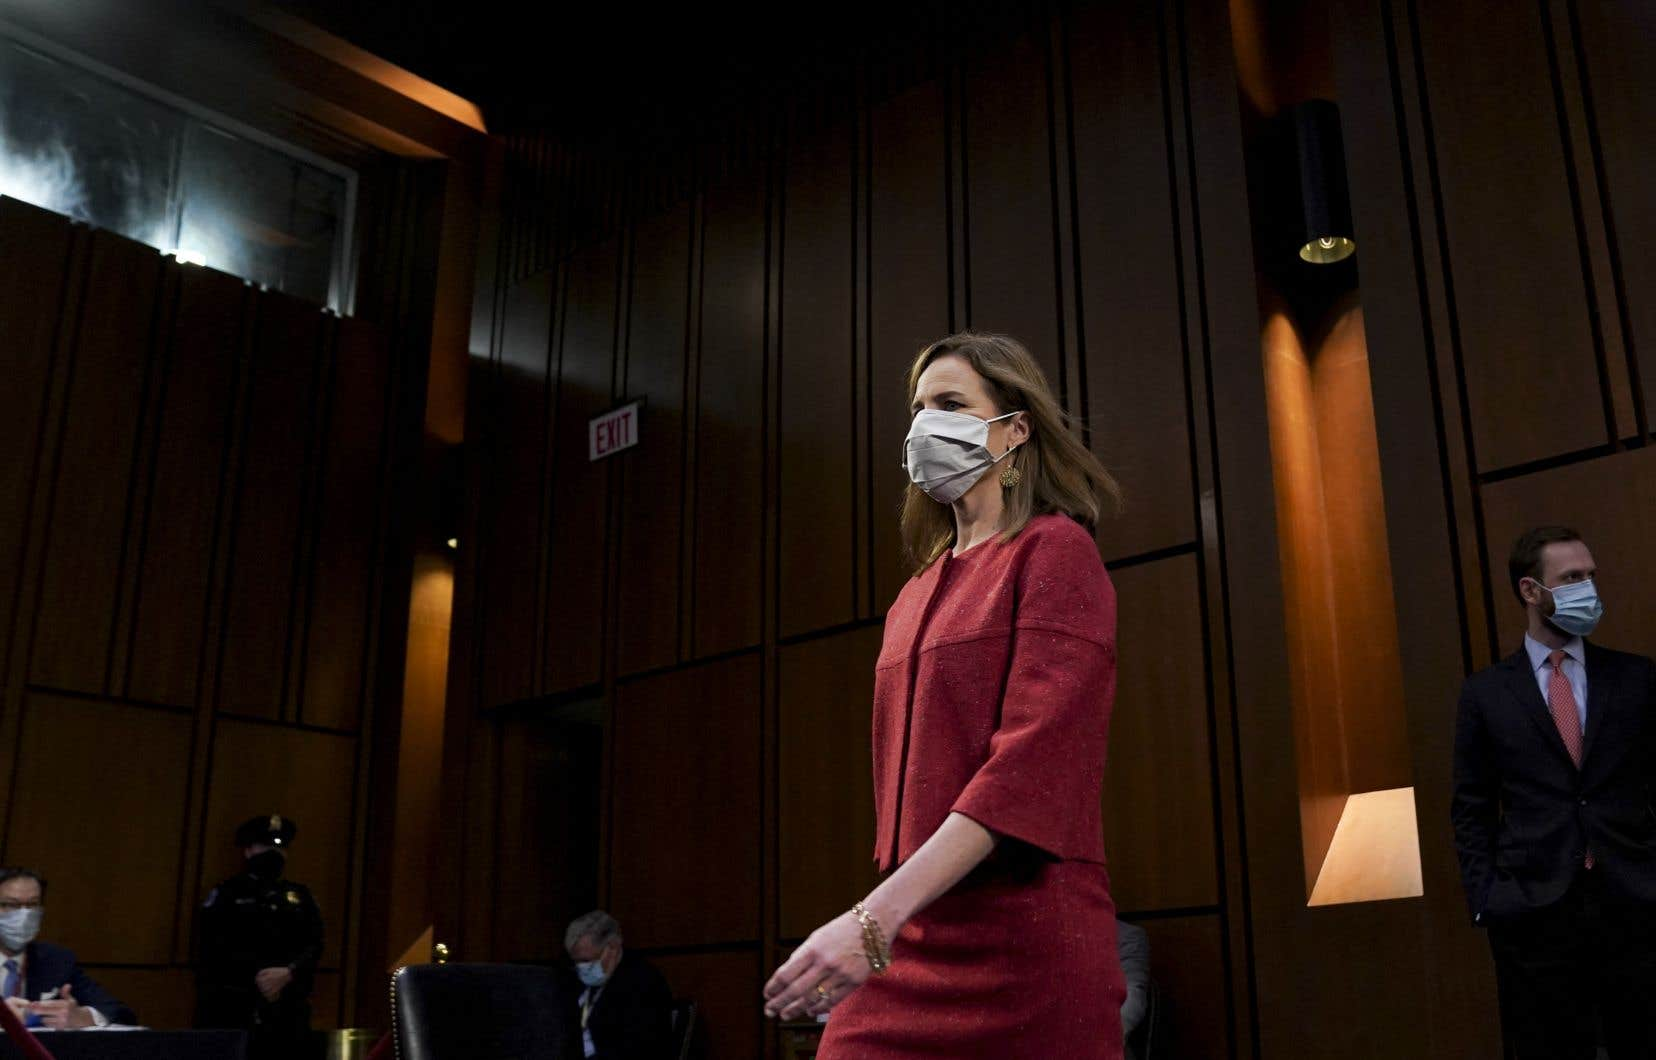 Le 26septembre, le président républicain a désigné Amy Coney Barrett pour succéder à la juge progressiste Ruth Bader Ginsburg, décédée huit jours plus tôt.